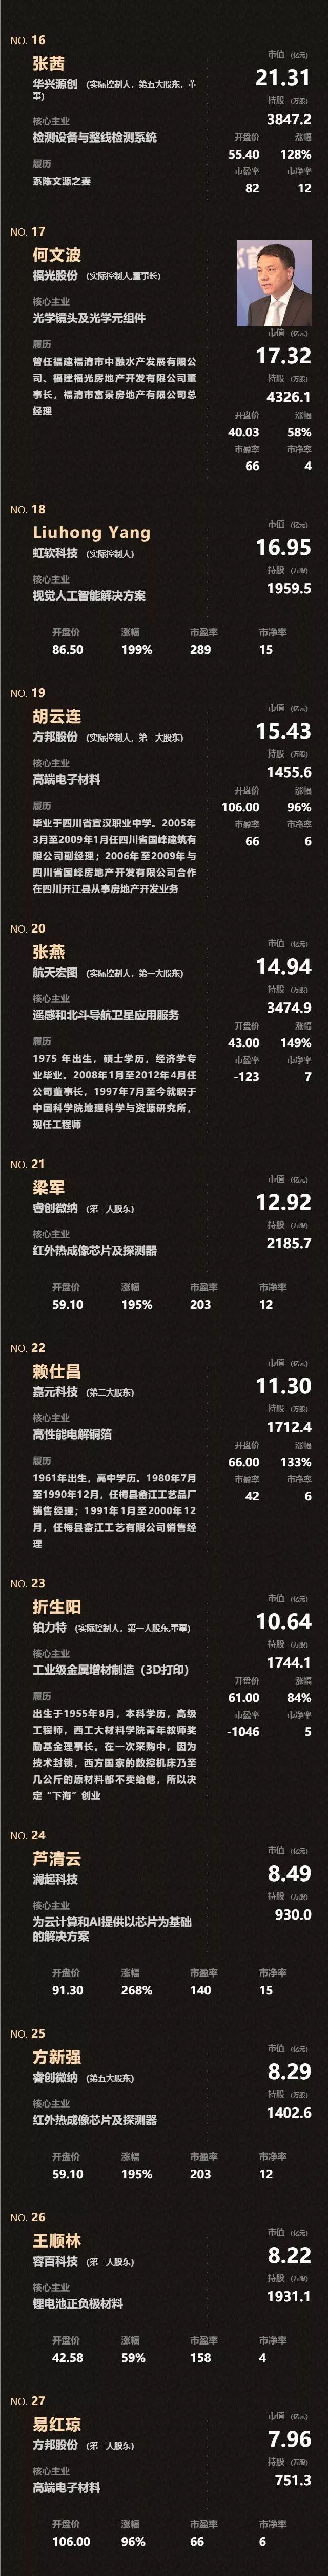 刚刚,中国股市科创板催生124个亿万富翁(名单)